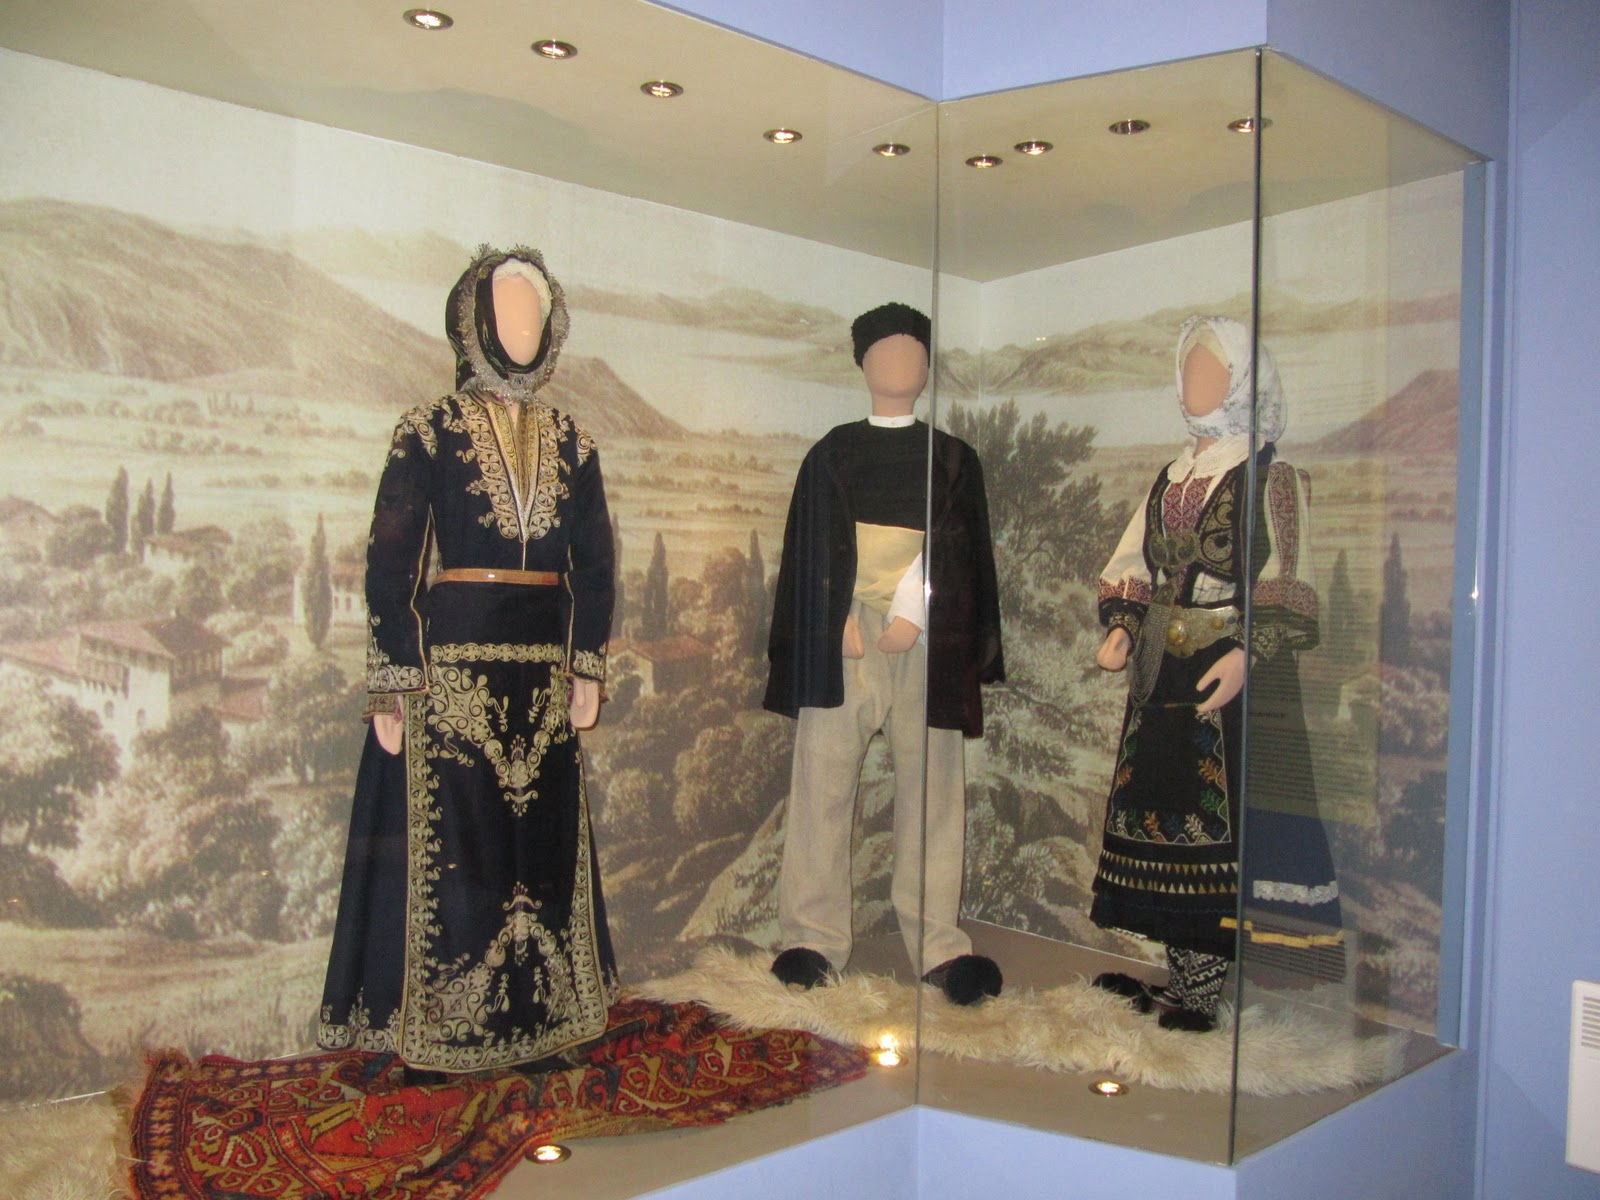 Καλοκαιρινές εκδηλώσεις του Λυκείου Ελληνίδων στα Λεχώνια